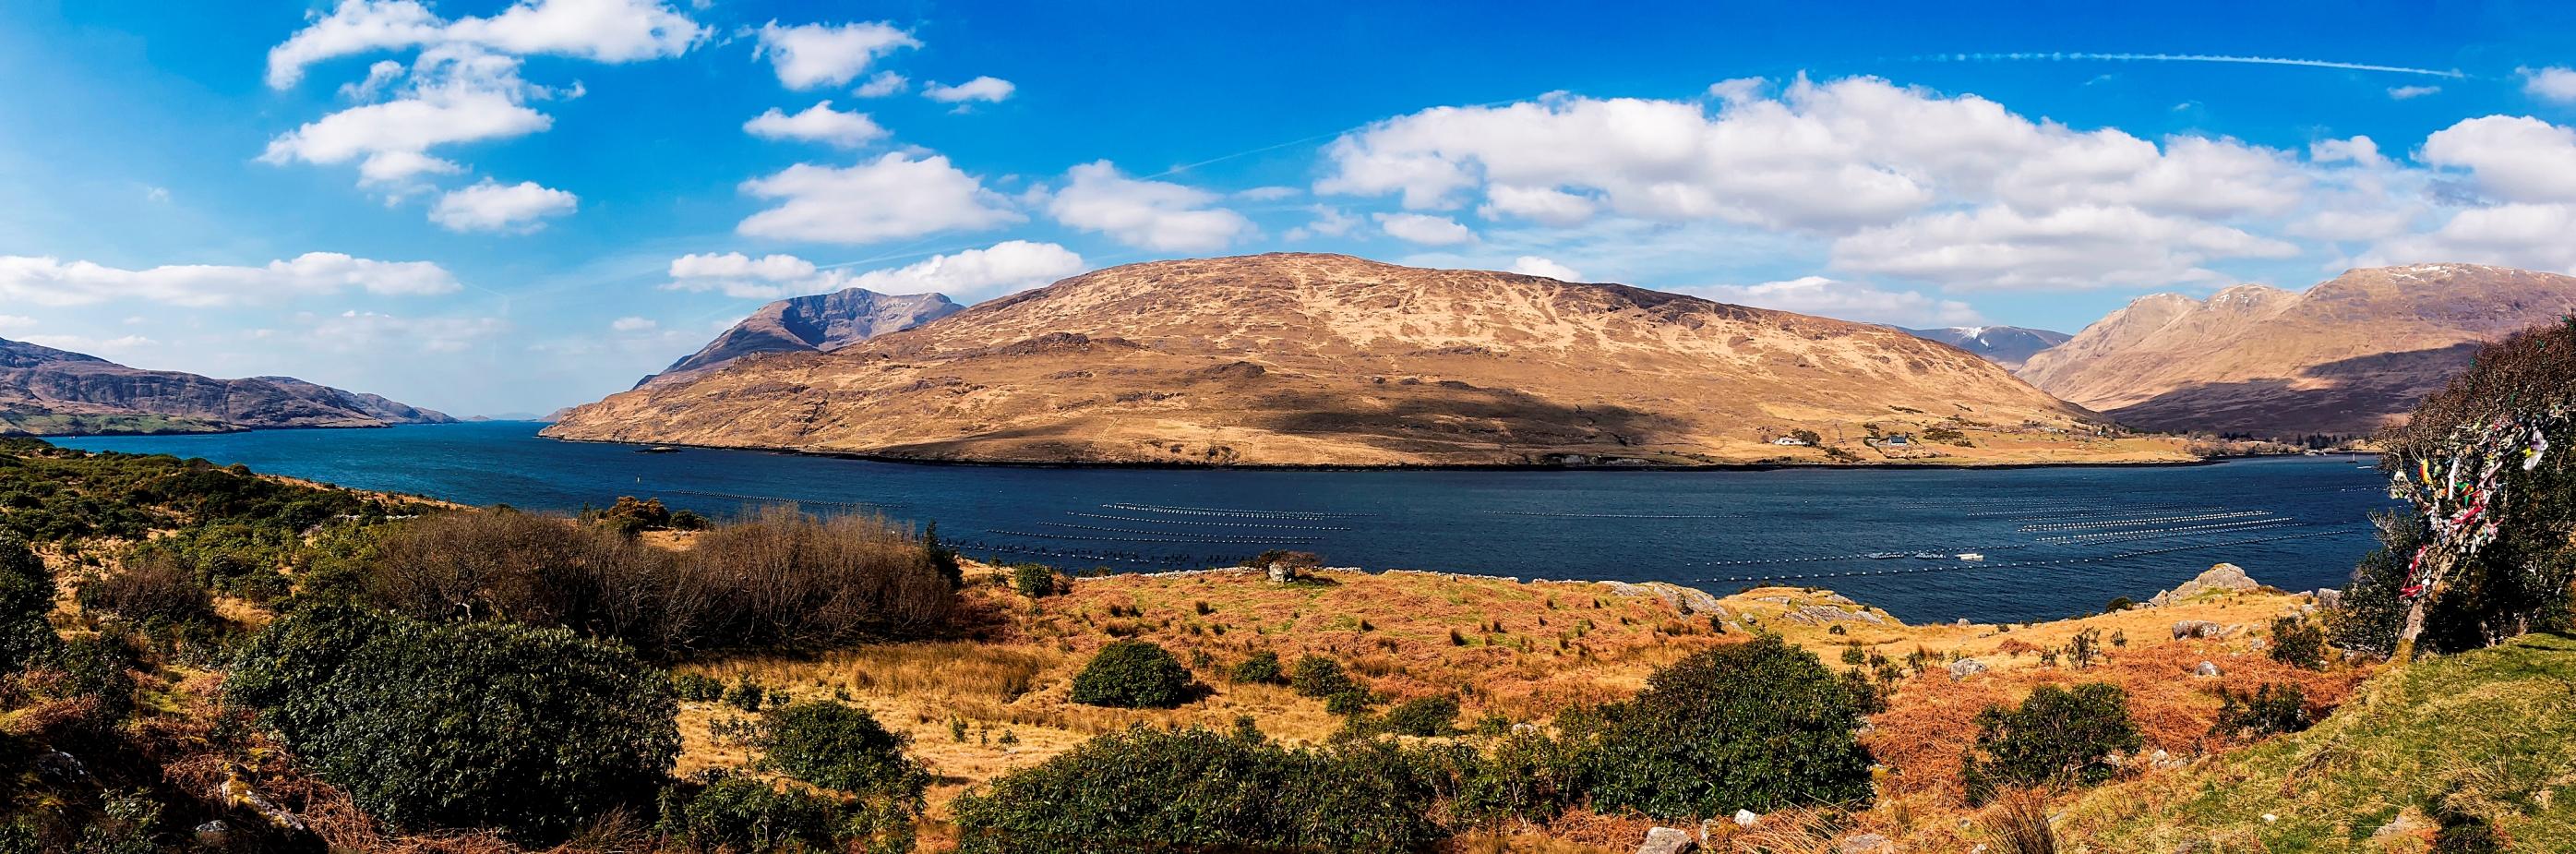 Killary fjord Wild Atlantic Way